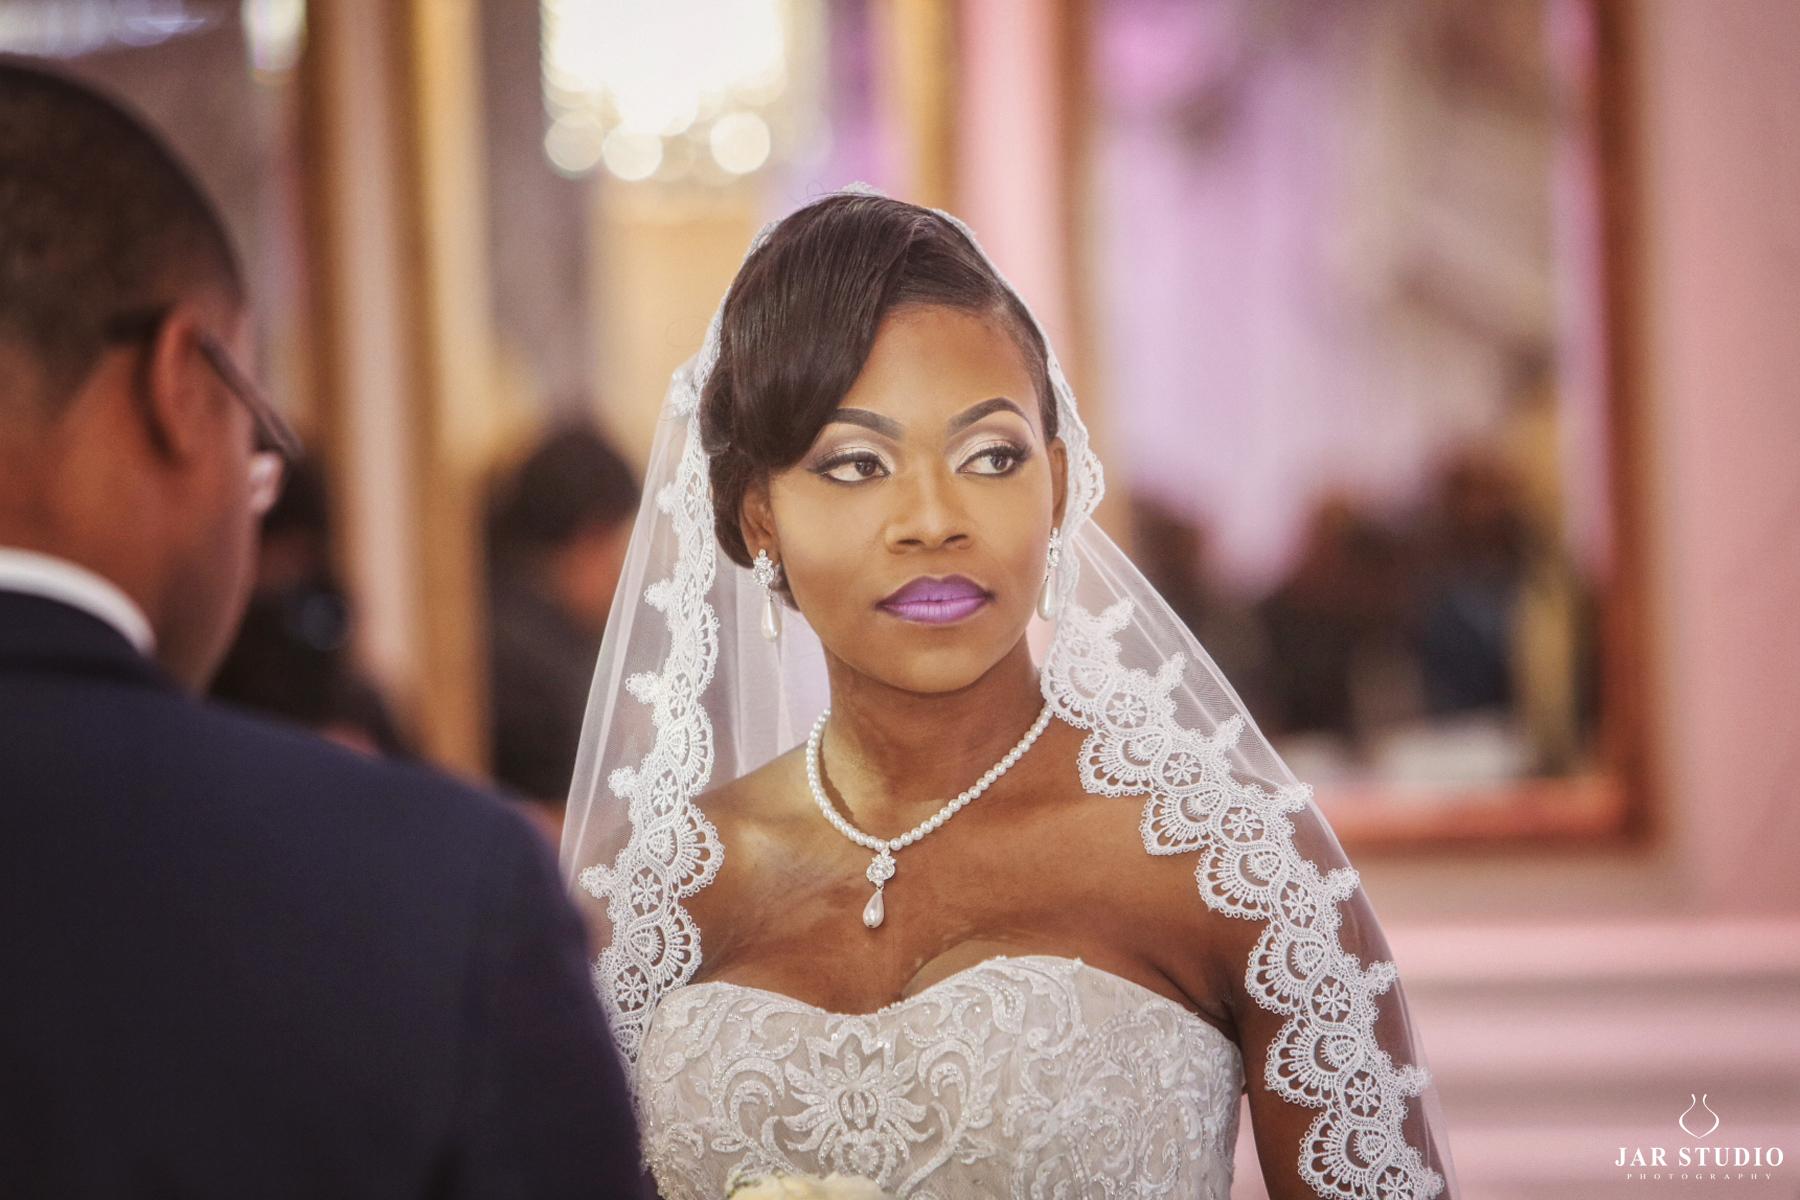 23-jarstudio-wedding-photographer.JPG